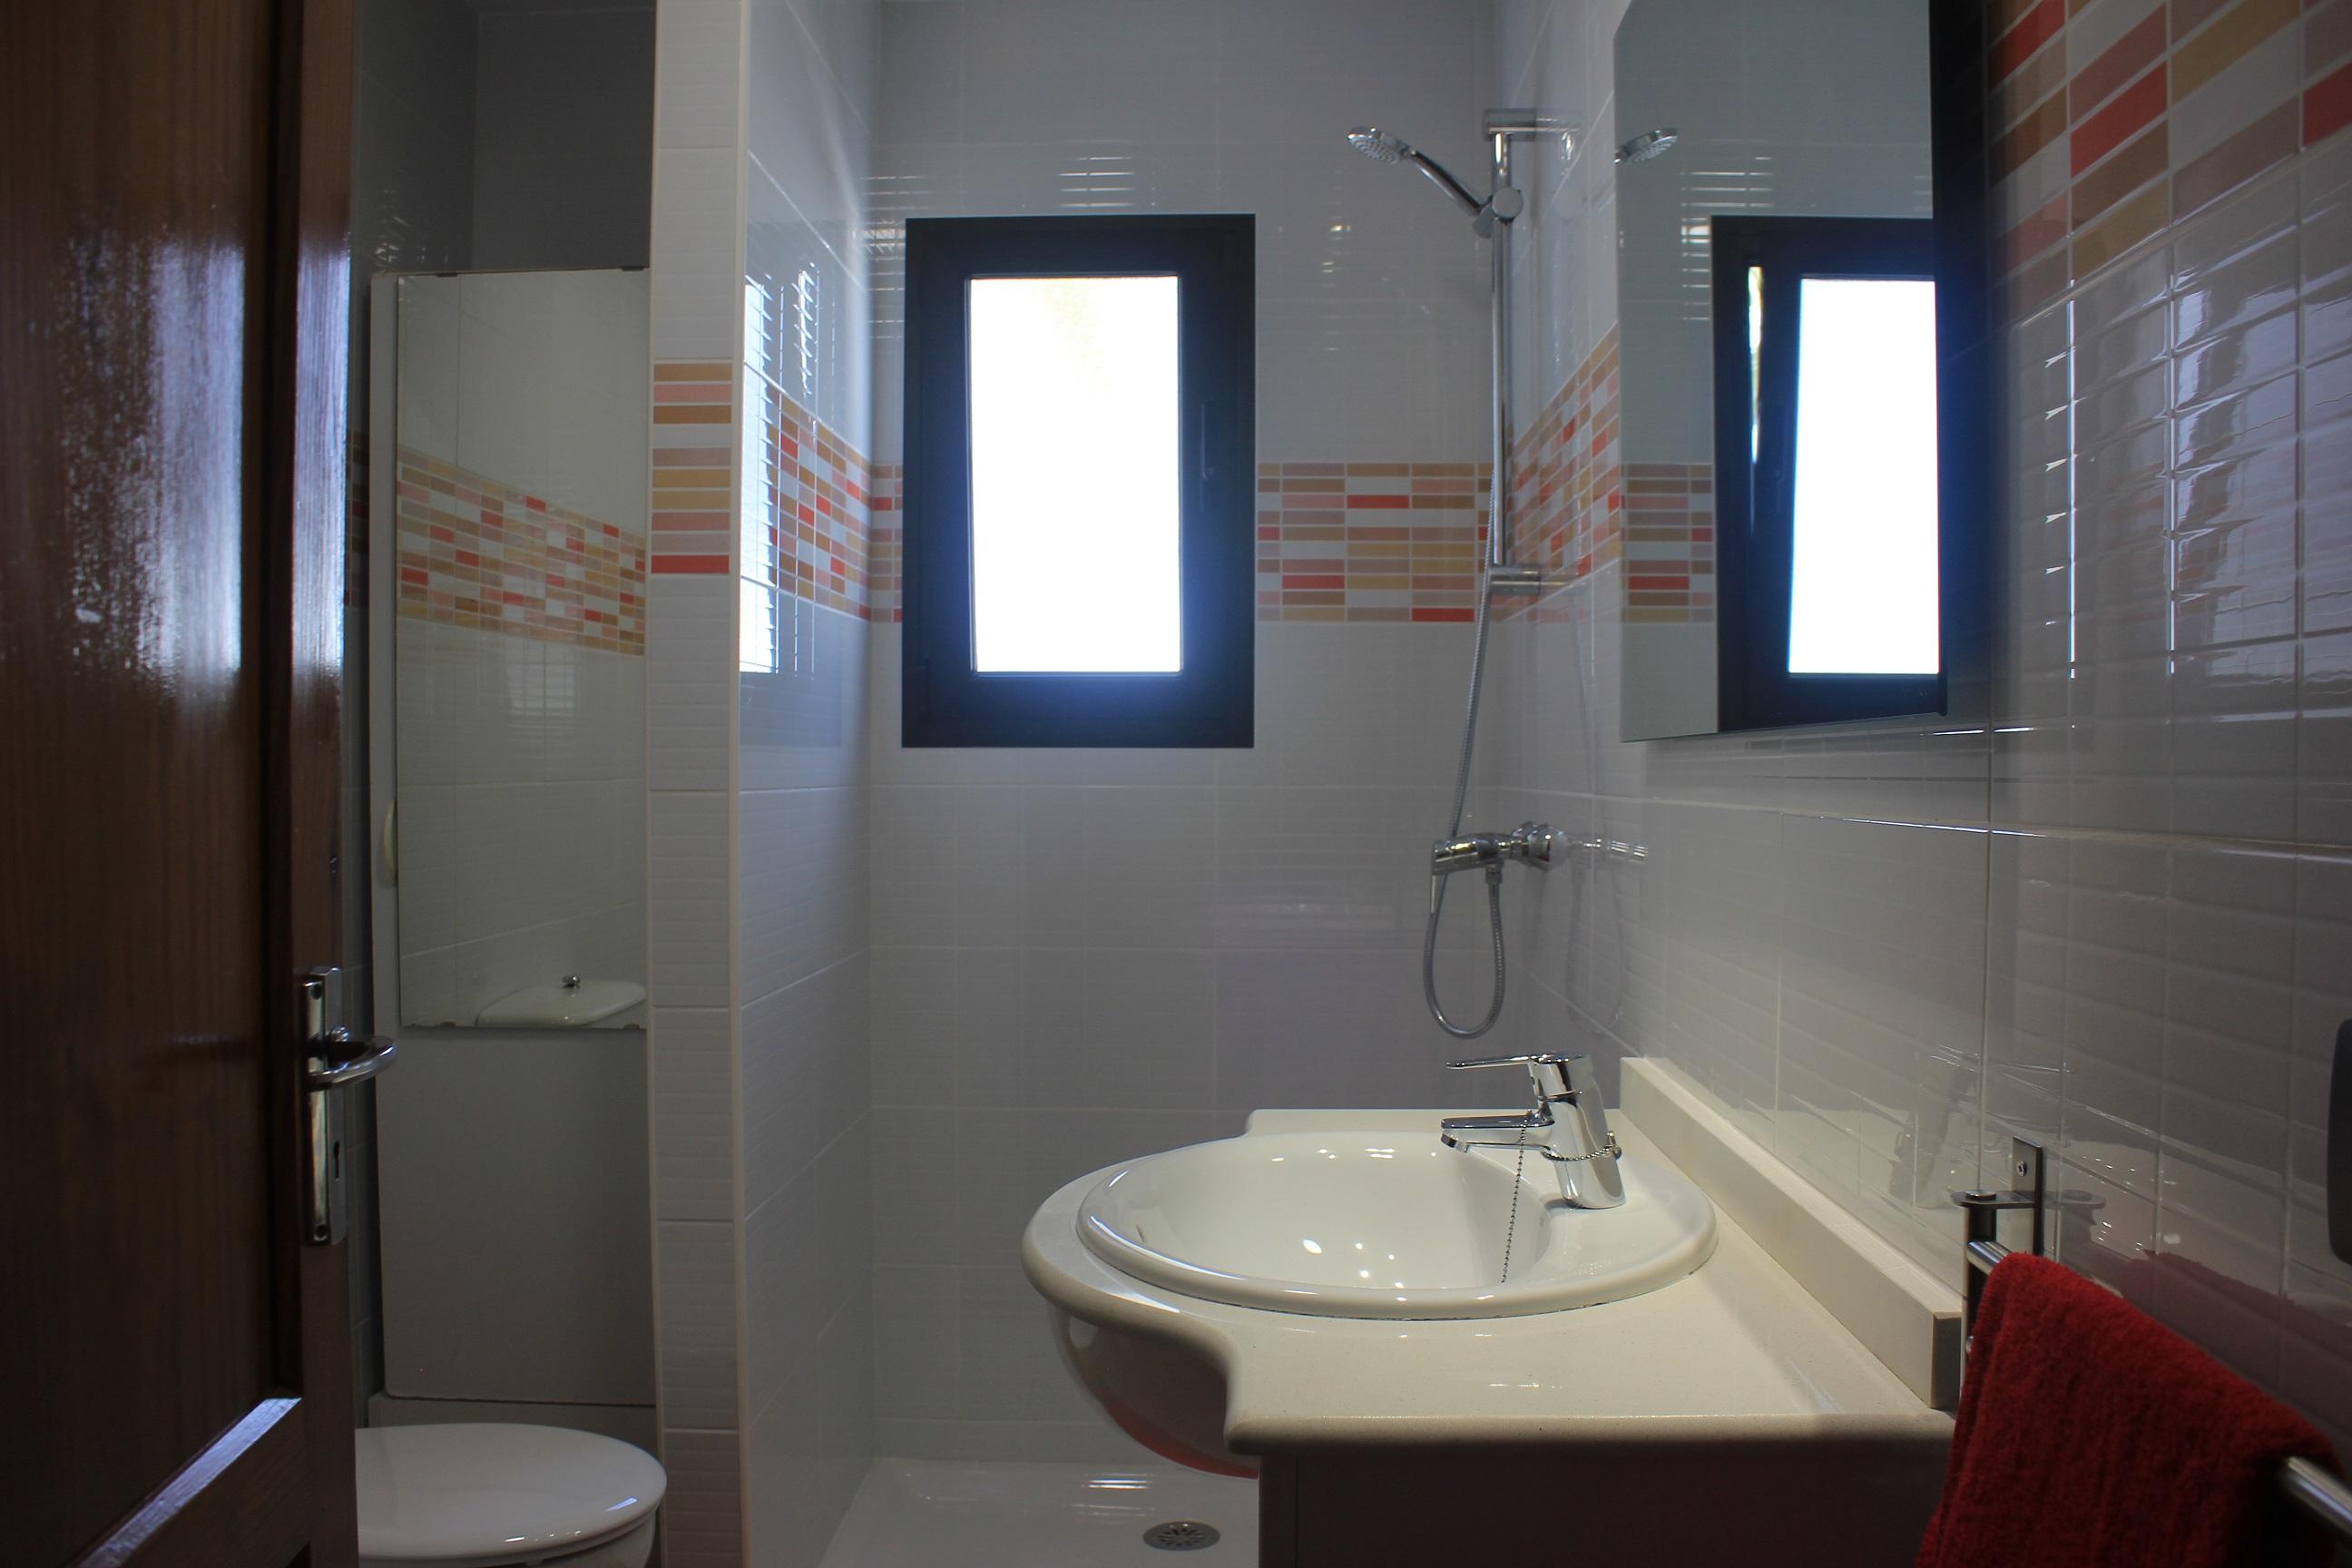 LVC235245 shower room